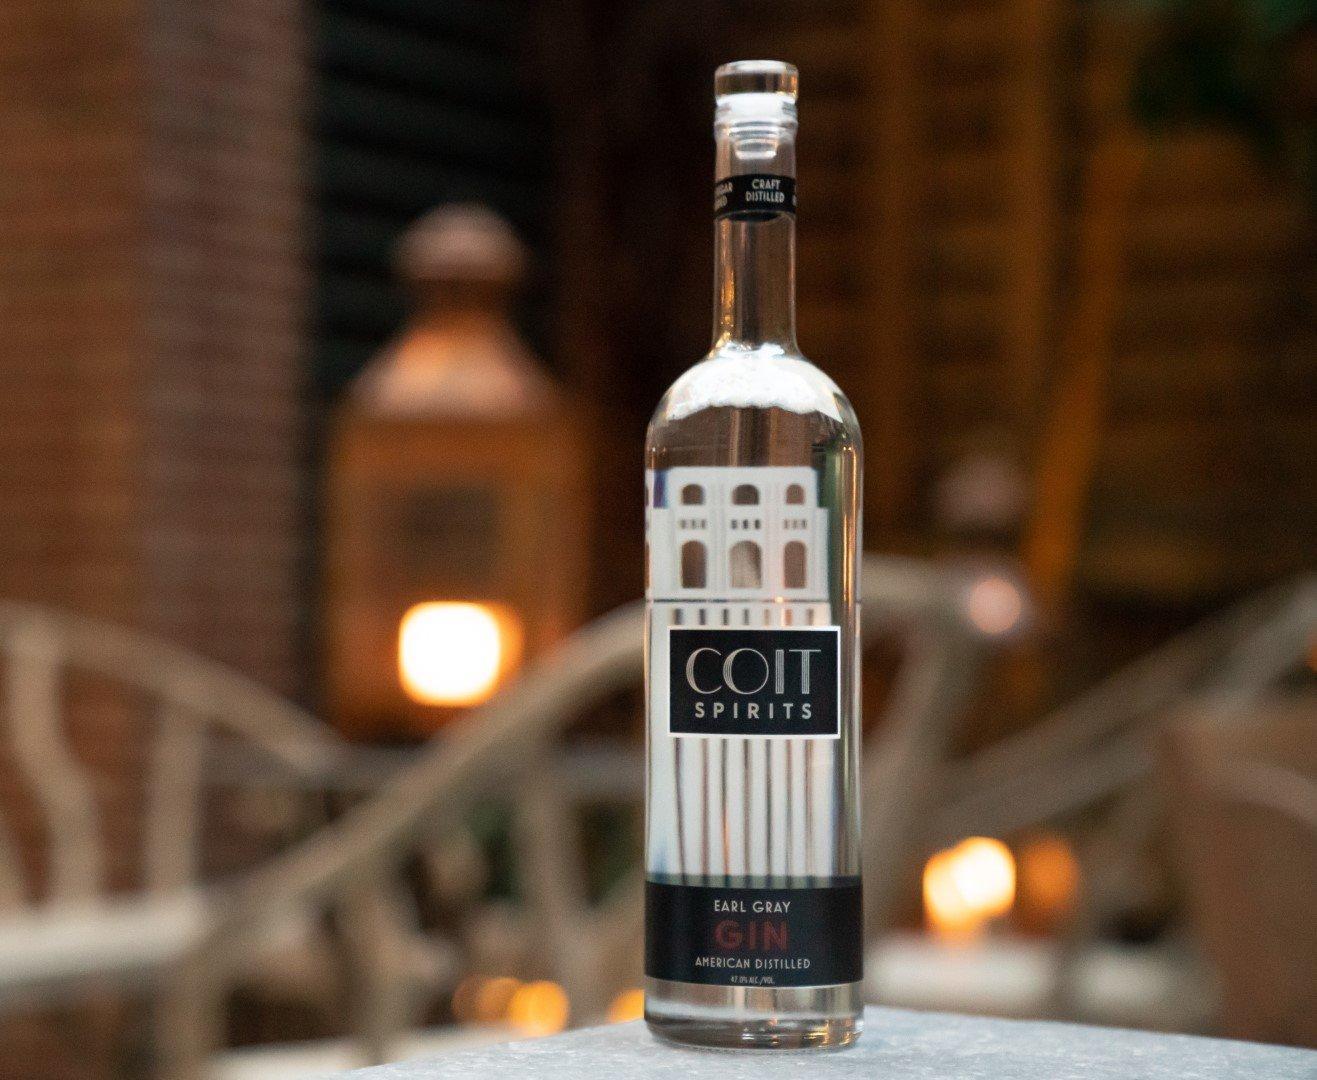 Coit Spirits Earl Grey Gin